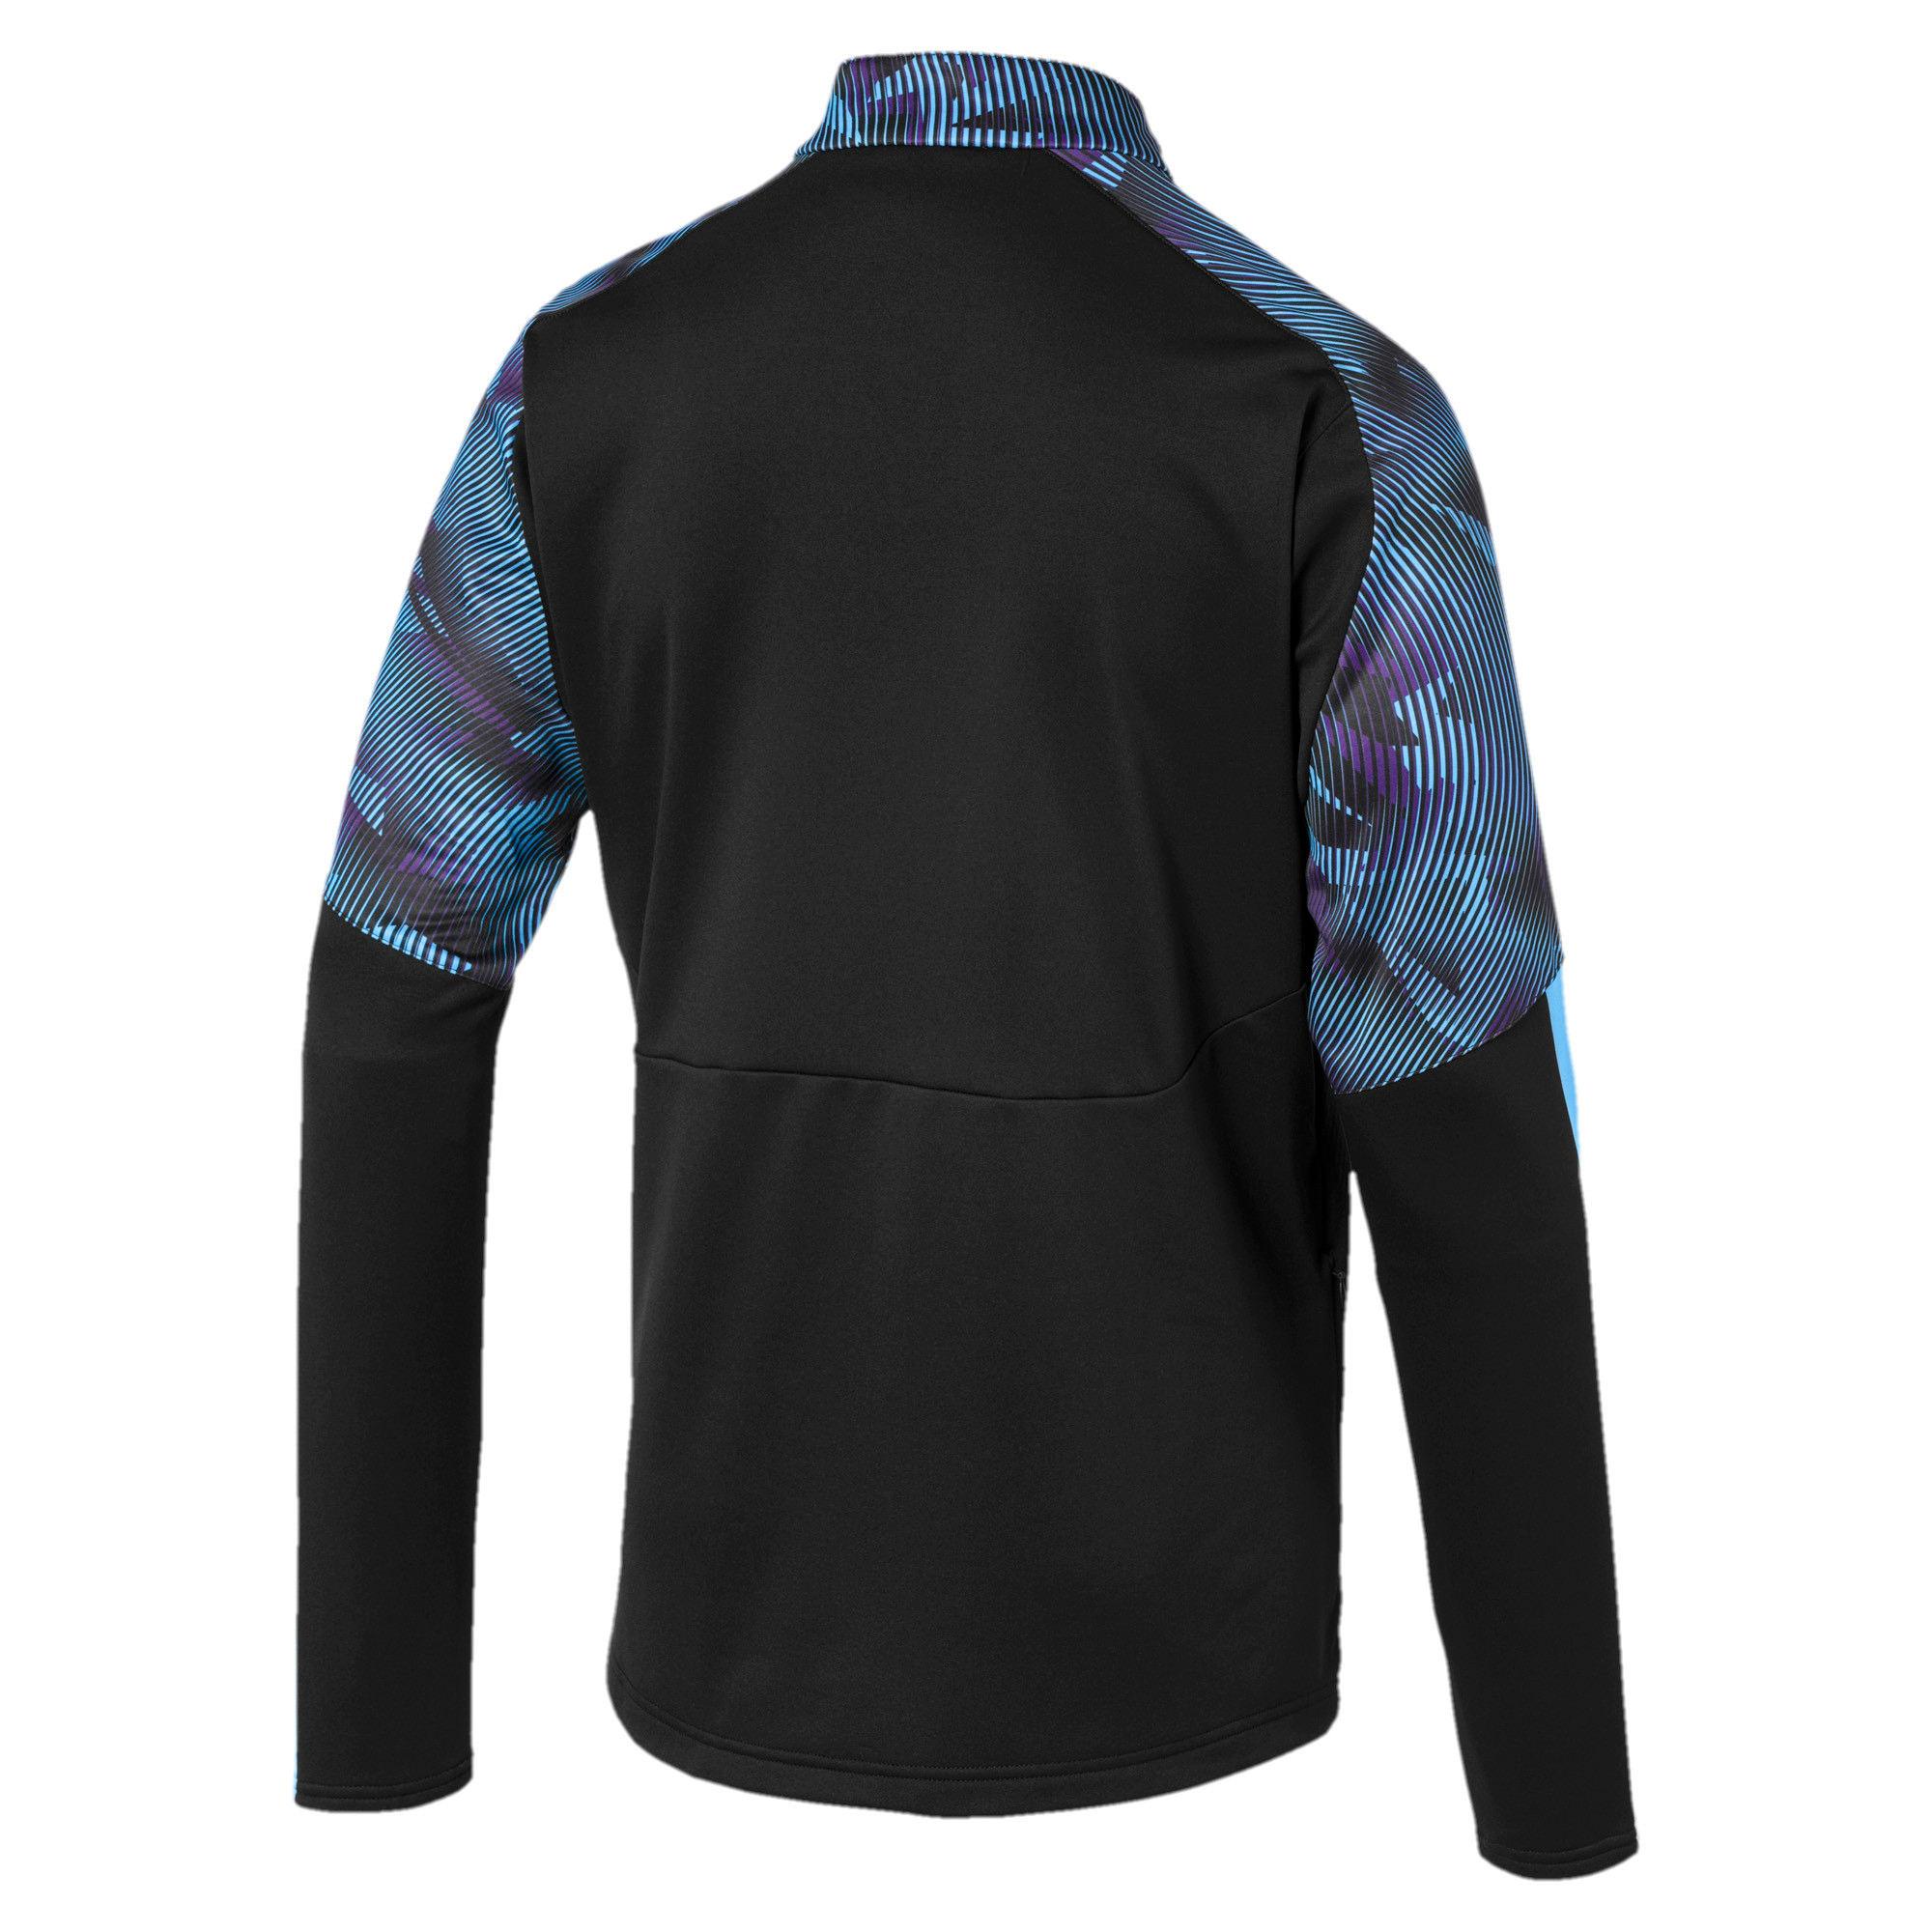 Thumbnail 2 of Man City Men's Training Fleece, Puma Black-Team Light Blue, medium